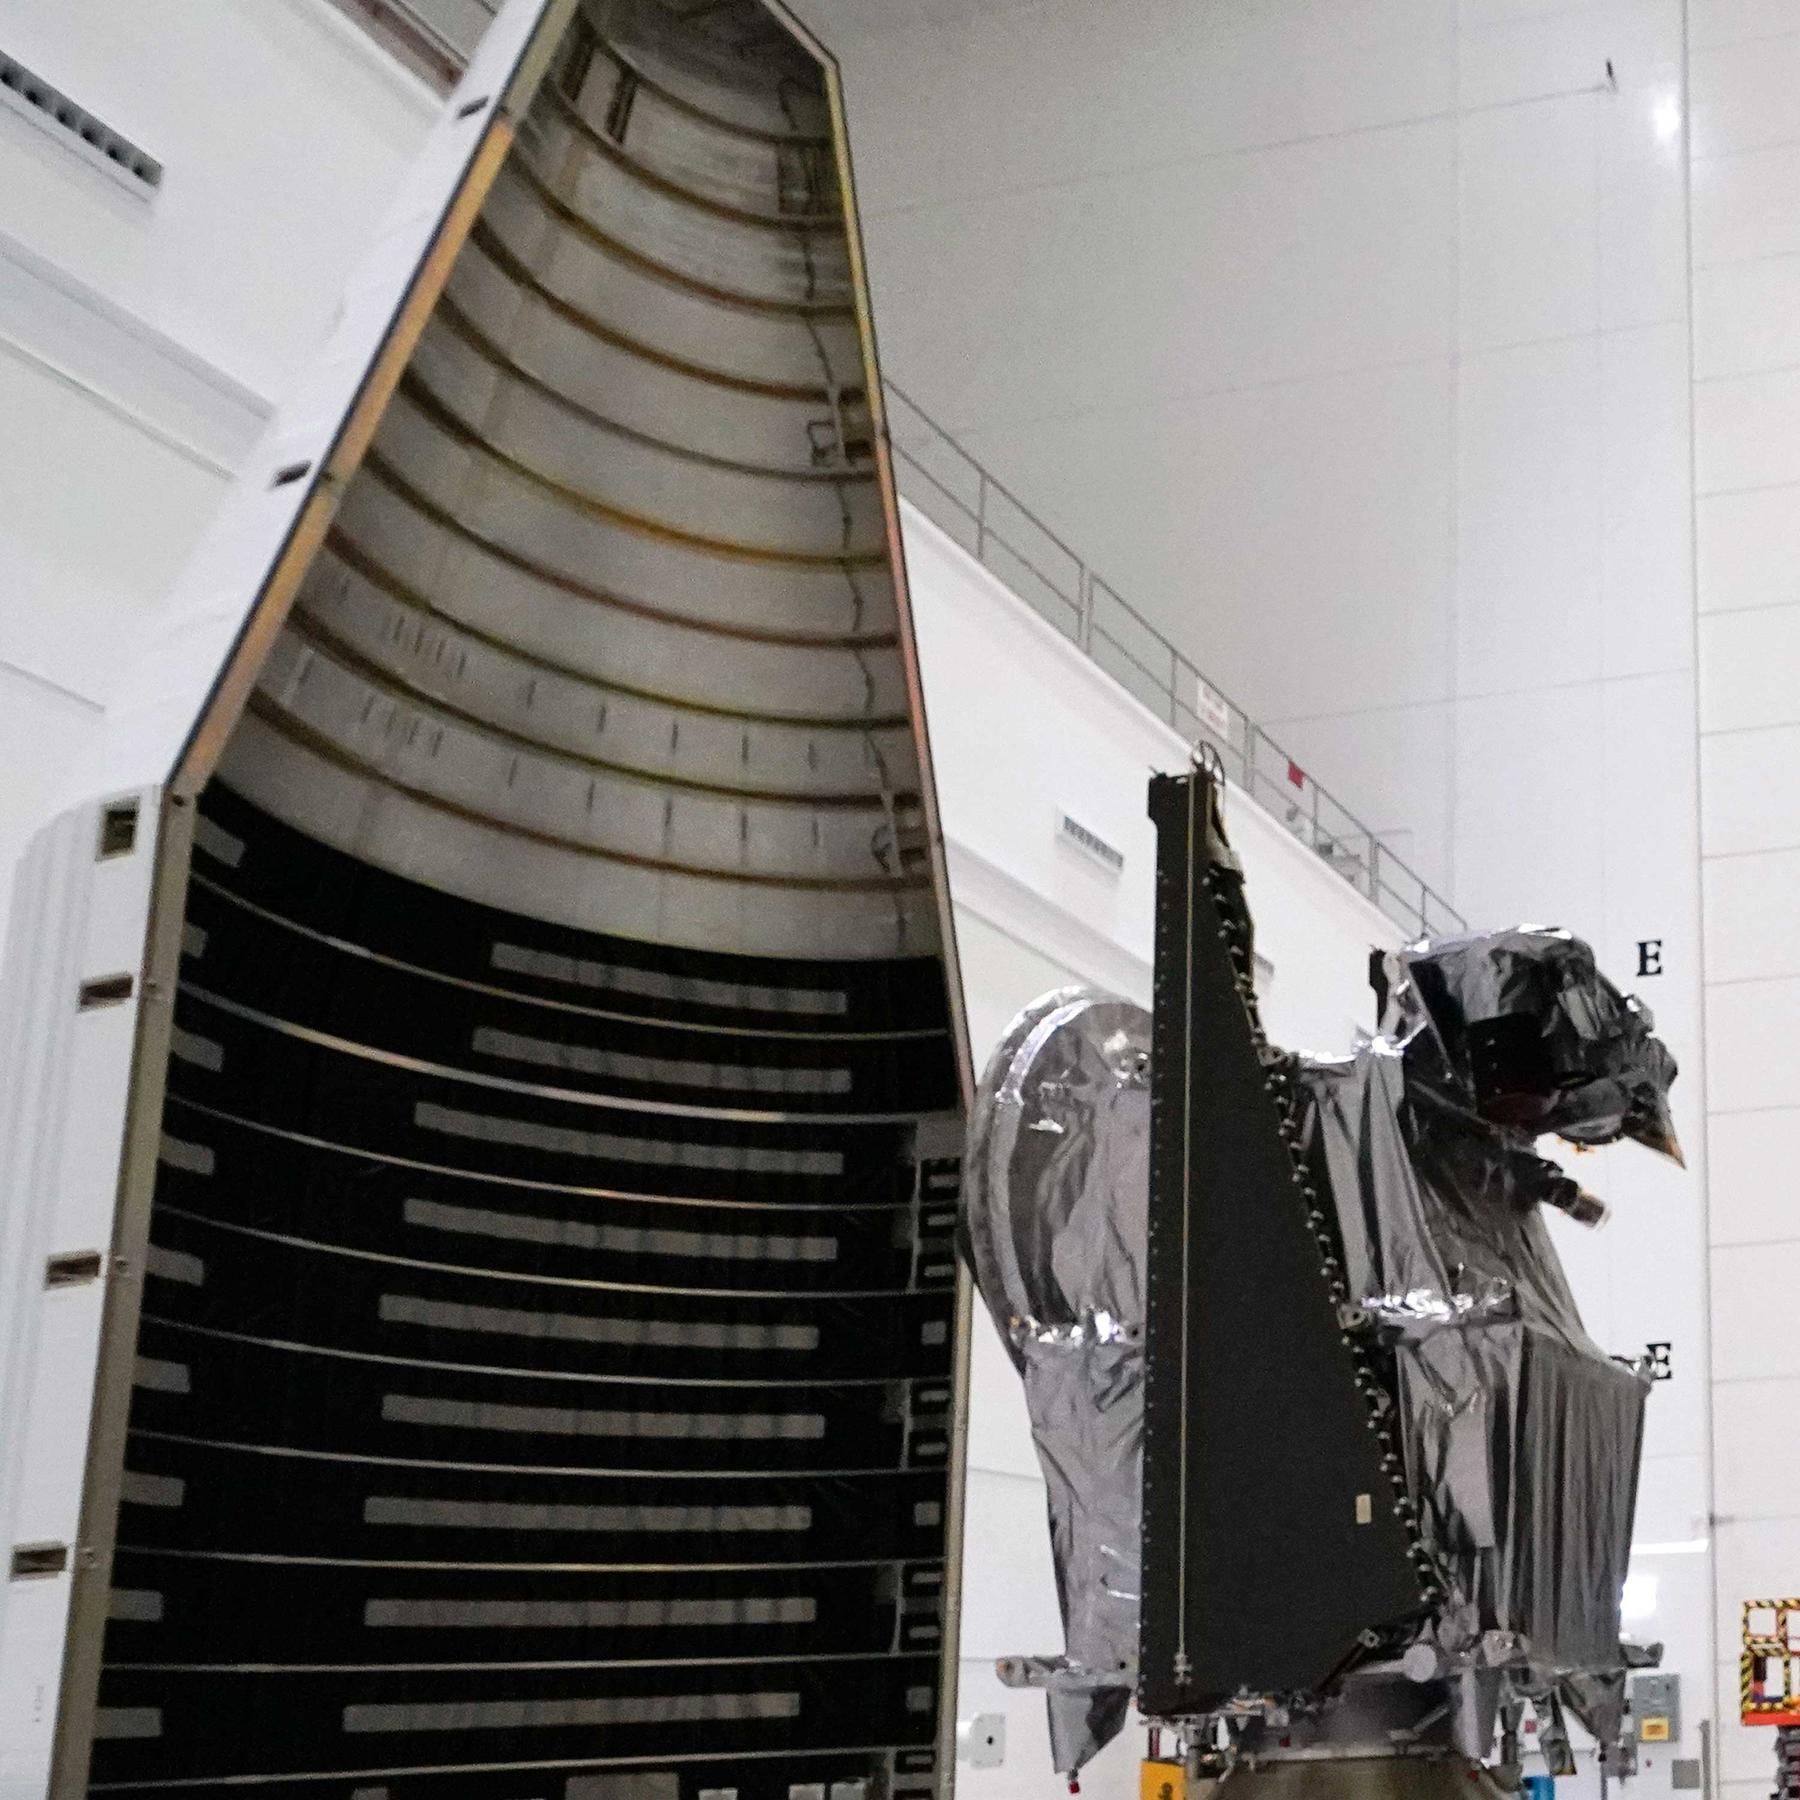 Lucy auf dem Weg zu Jupiter - Sonde soll Asteroiden untersuchen